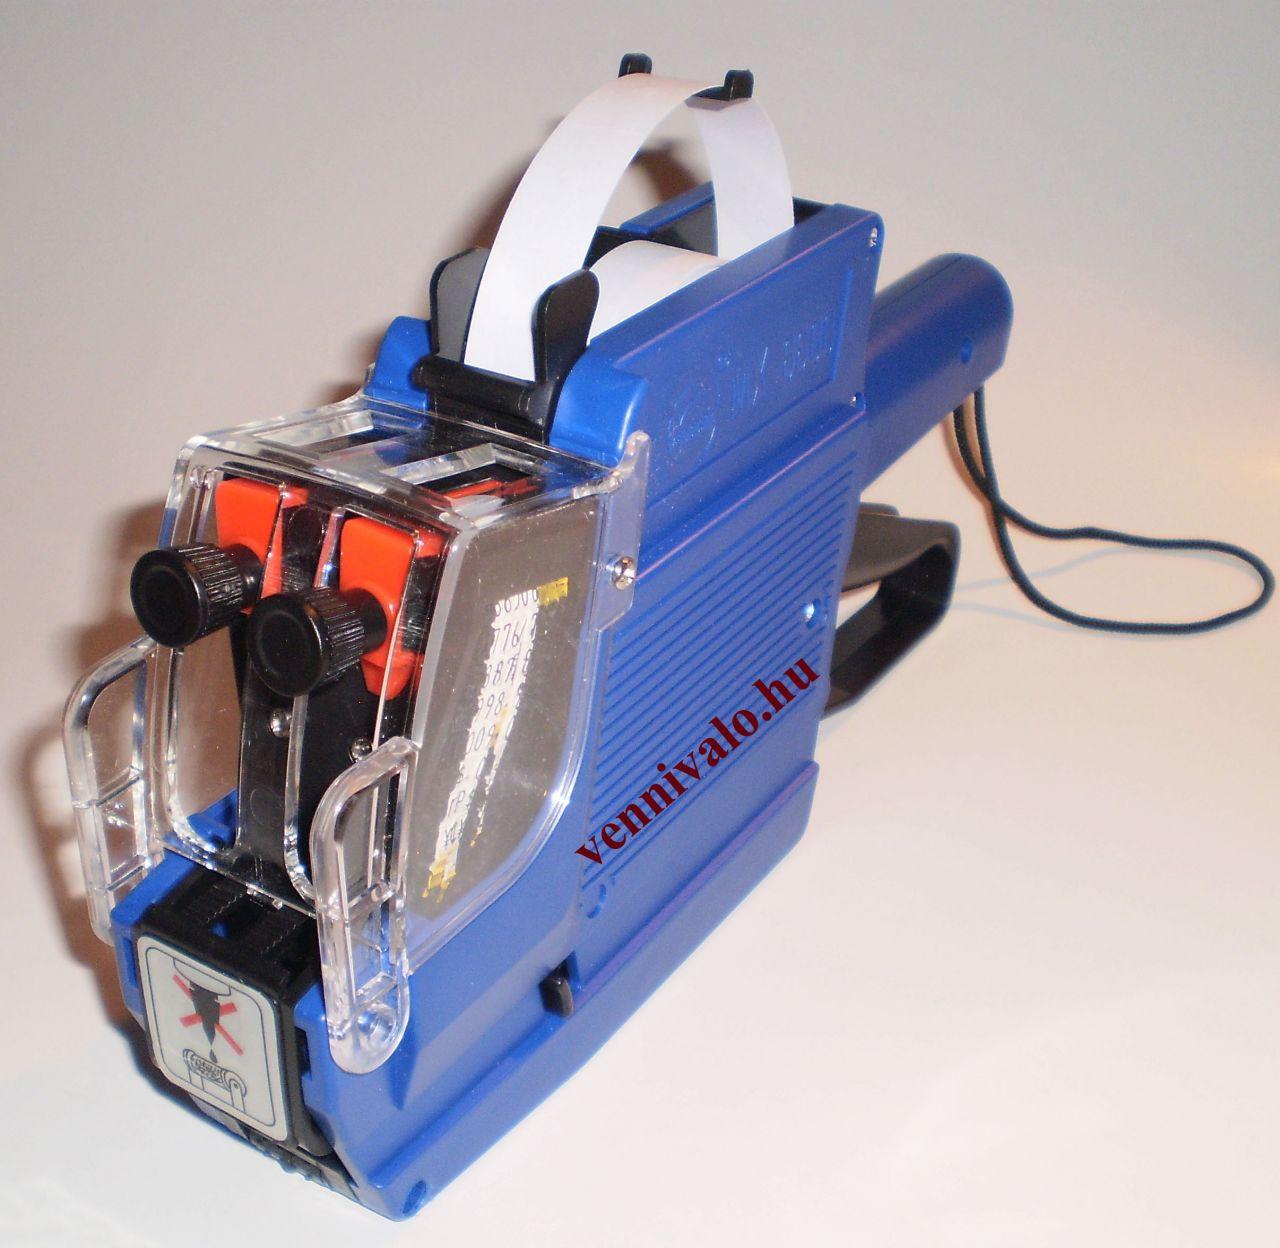 Motex MX-6600 árazógép, 2 soros